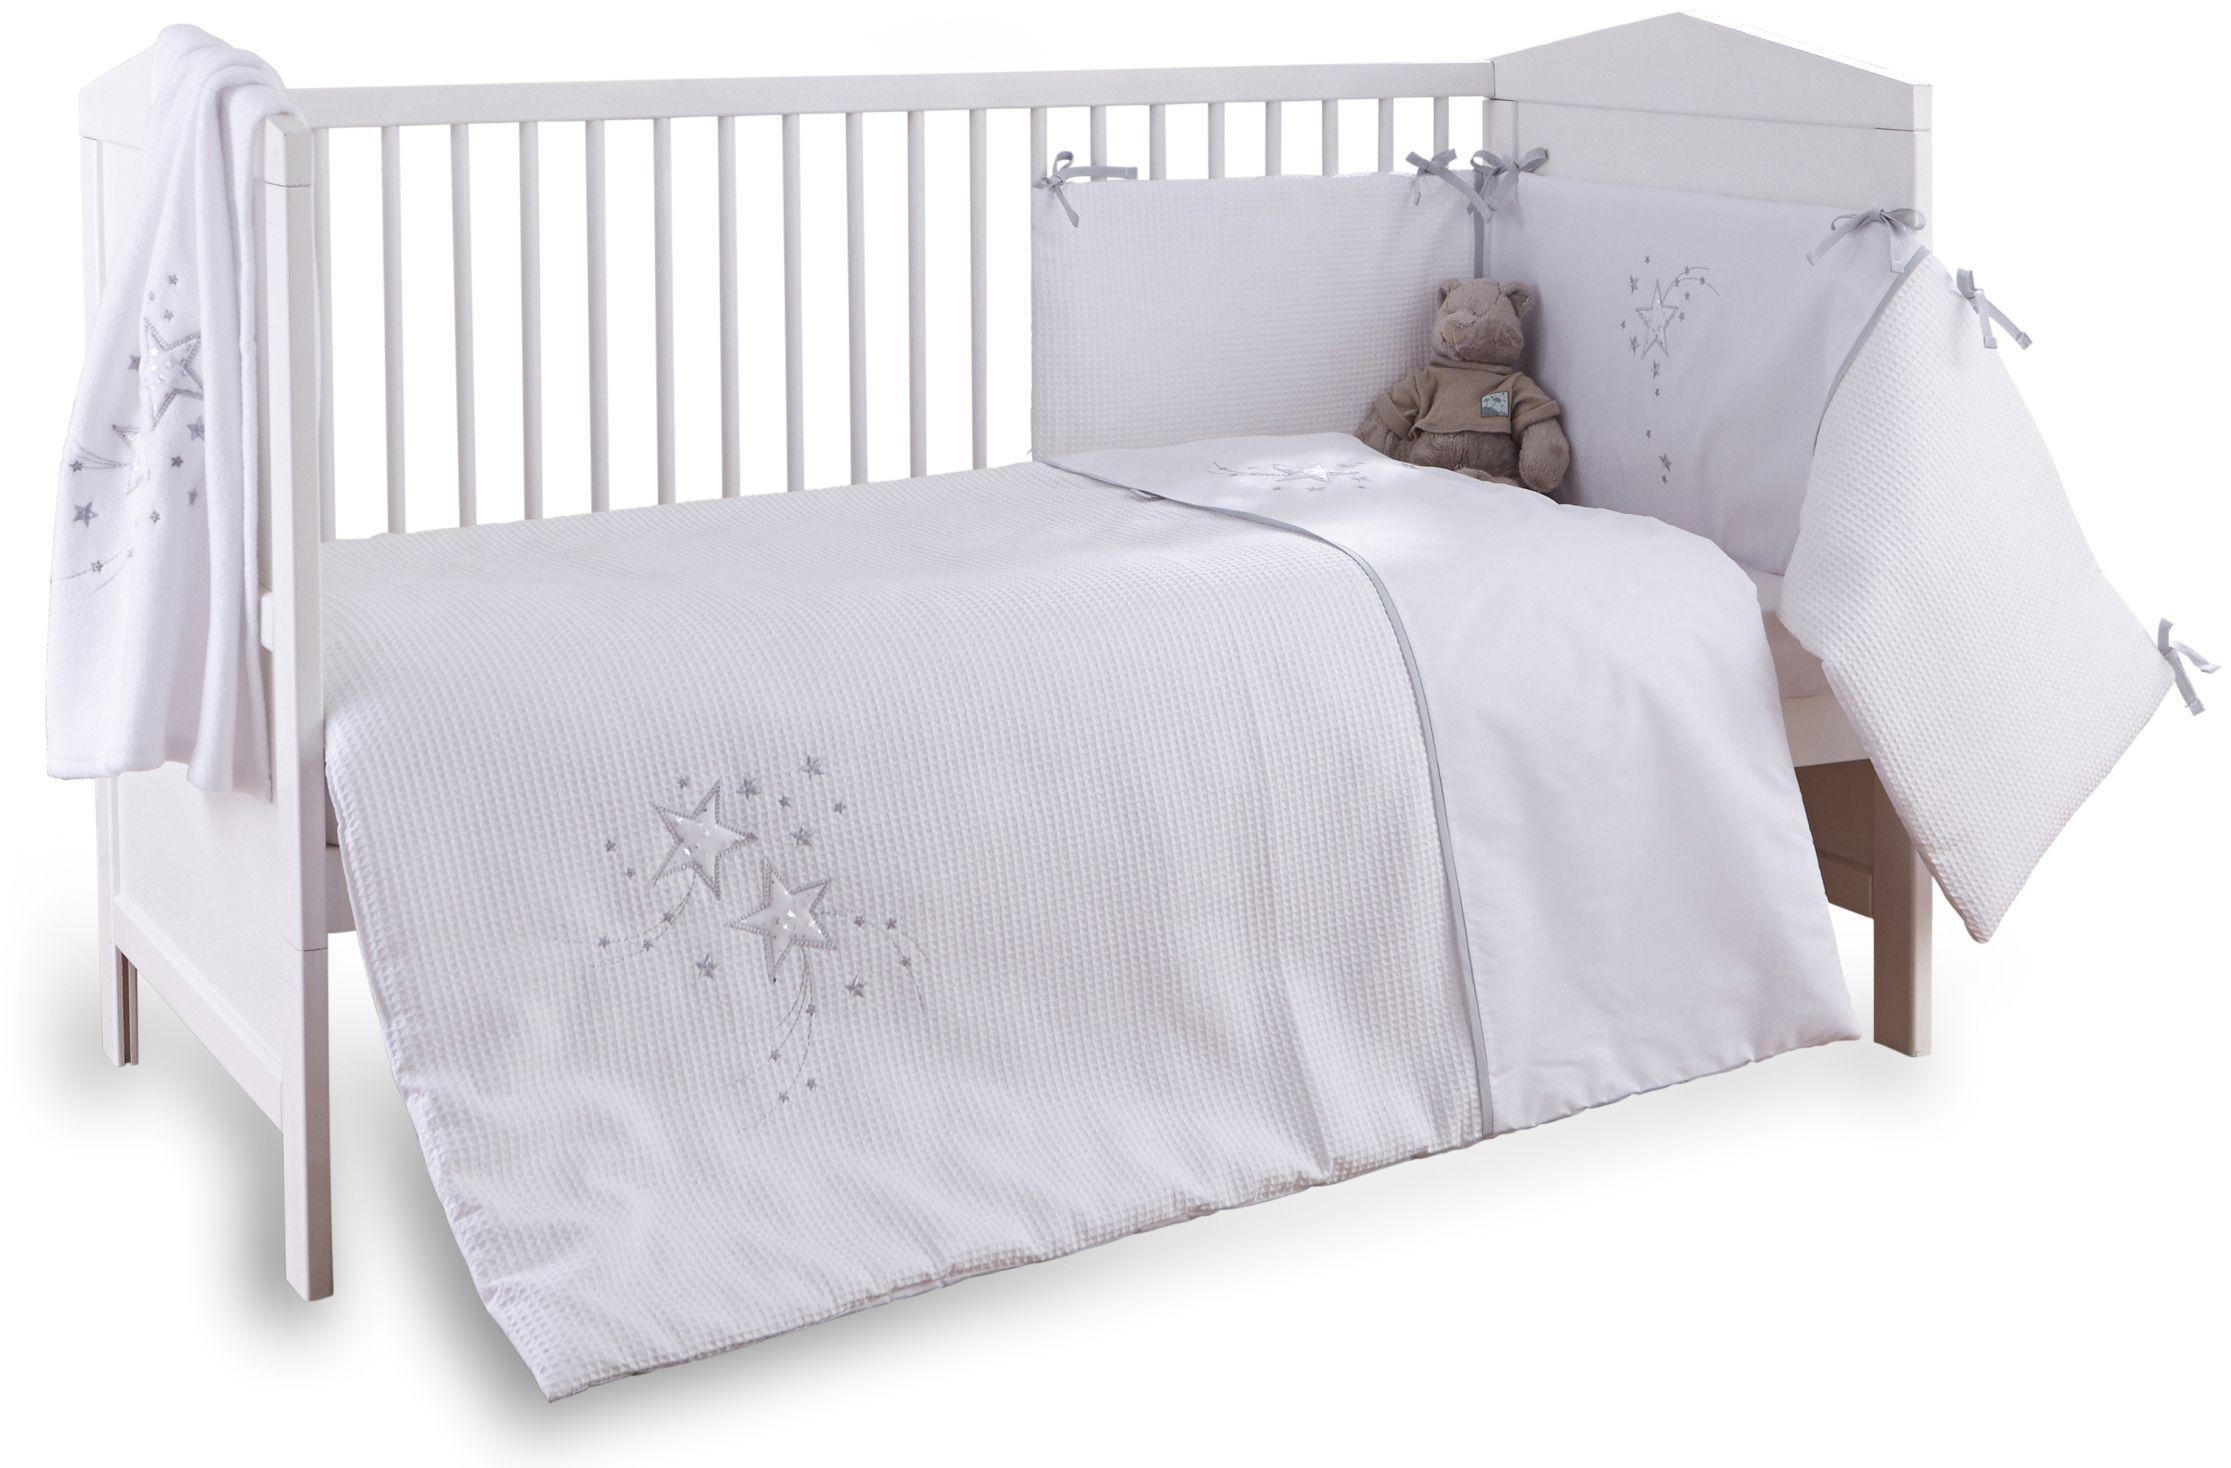 Clair de Lune Stardust 3 Piece Cot/Cot Bed Set - White Trim